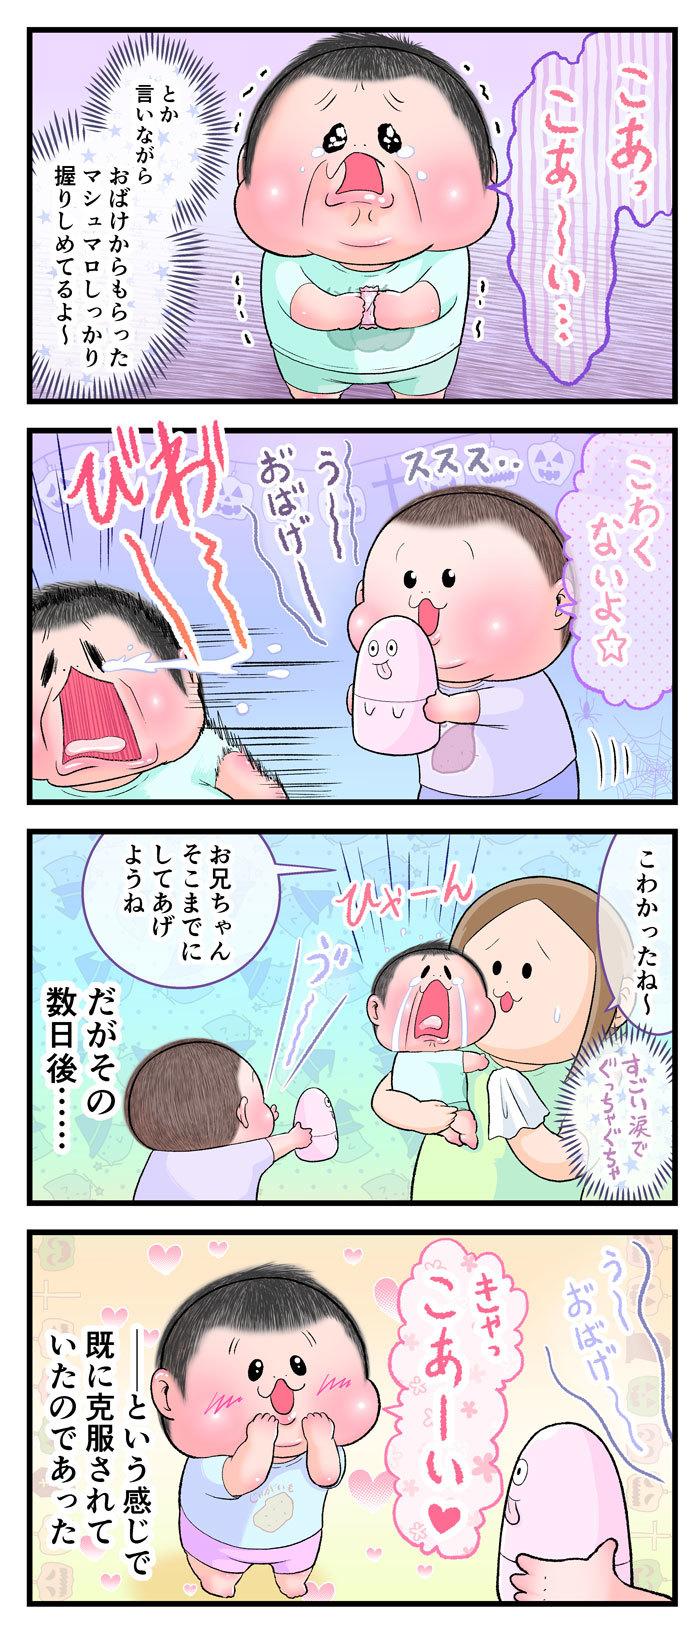 ハロウィンおばけはこわいけど…マシュマロは食べたい!1歳次男の葛藤にキュン♡の画像3